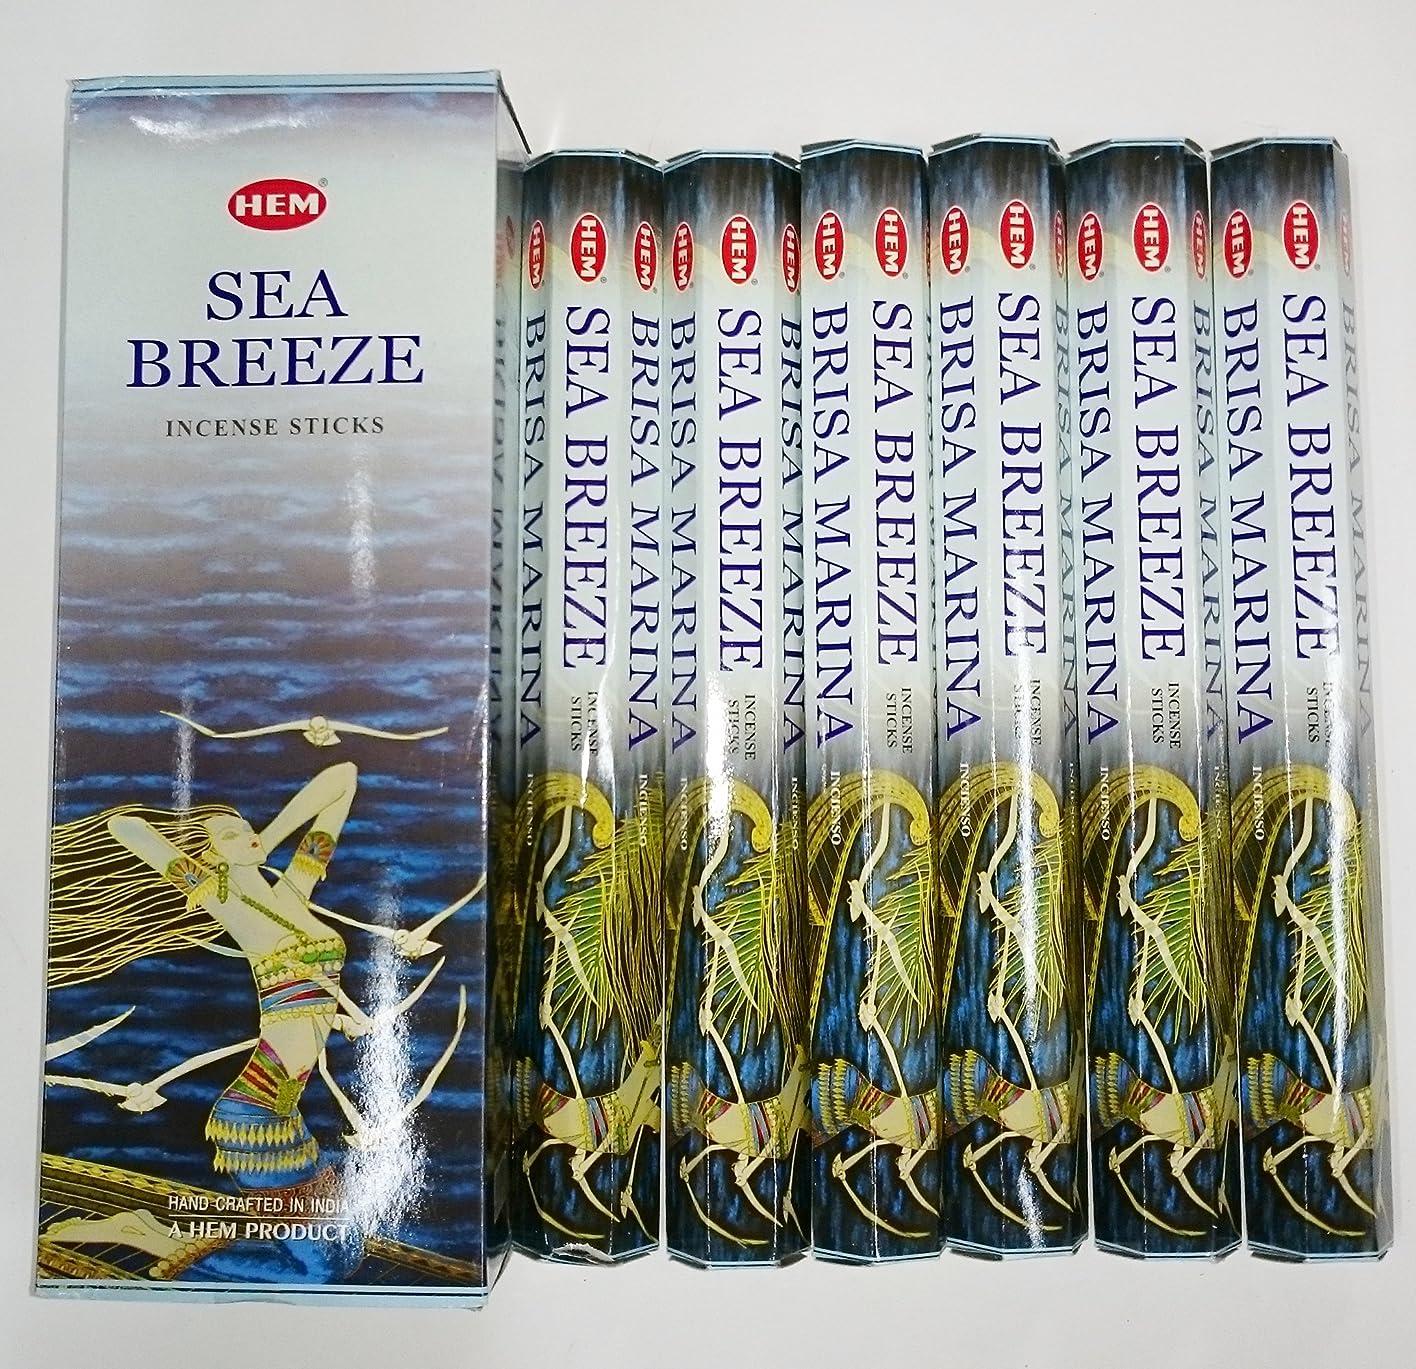 HEM (ヘム) インセンス スティック へキサパック シーブリーズ 6角(20本入)×6箱 [並行輸入品]SeaBreeze